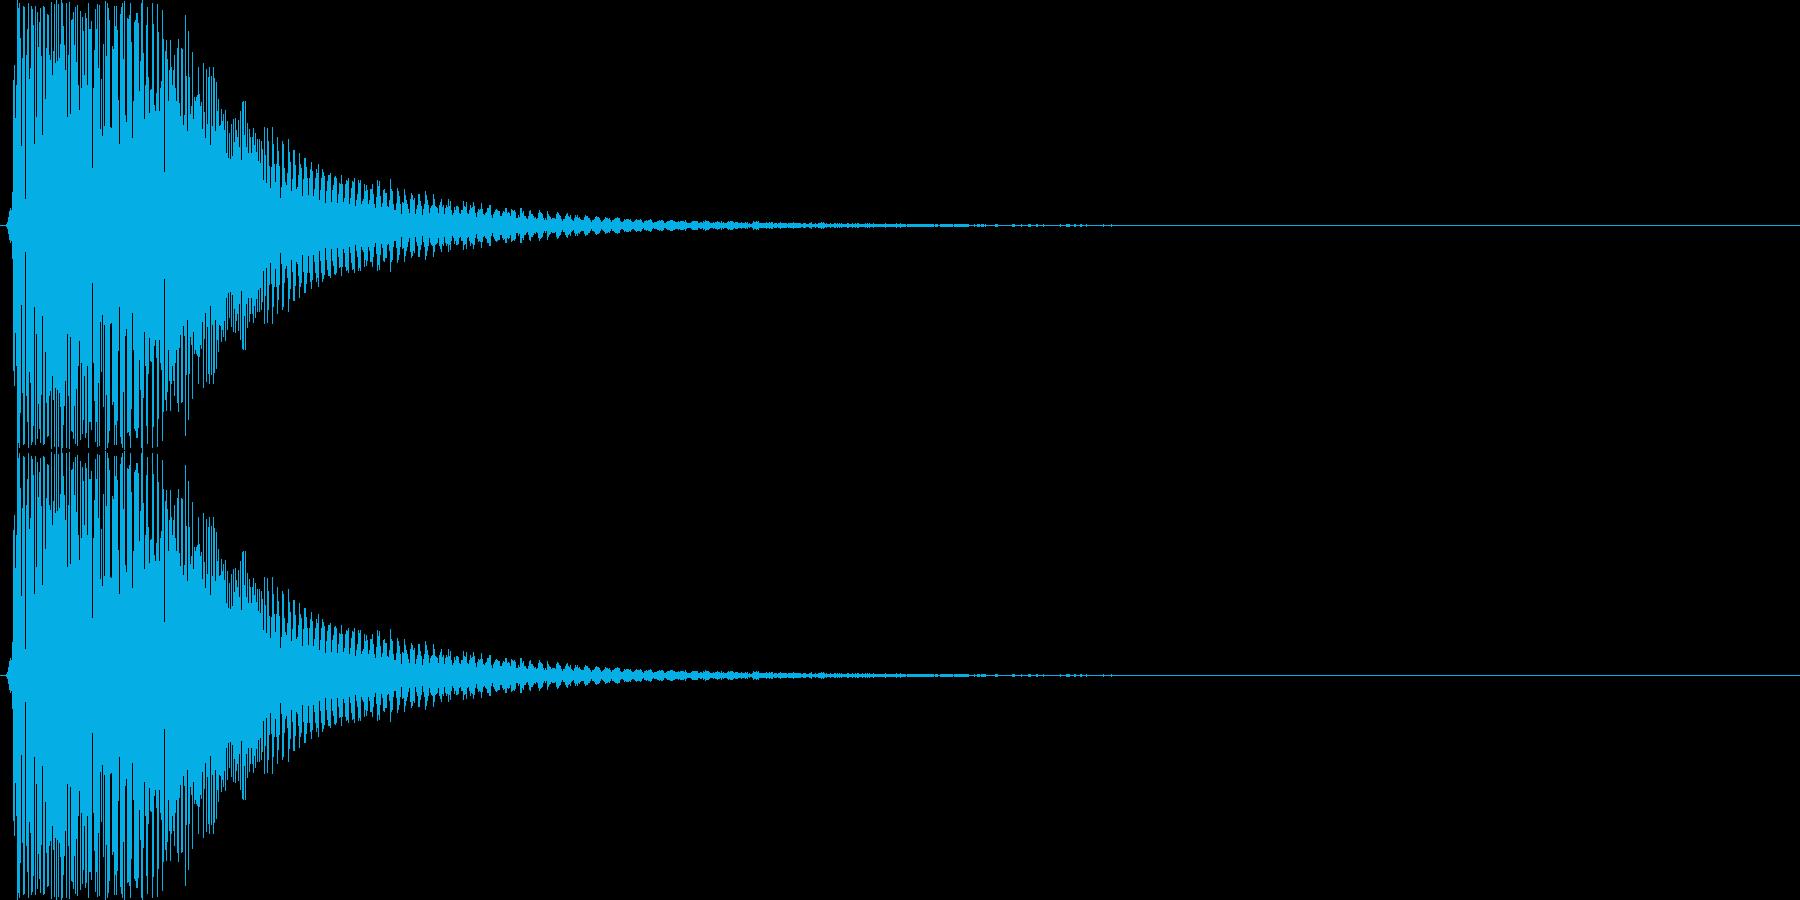 【ポヨン】ジャンプ パワーアップ 強化の再生済みの波形